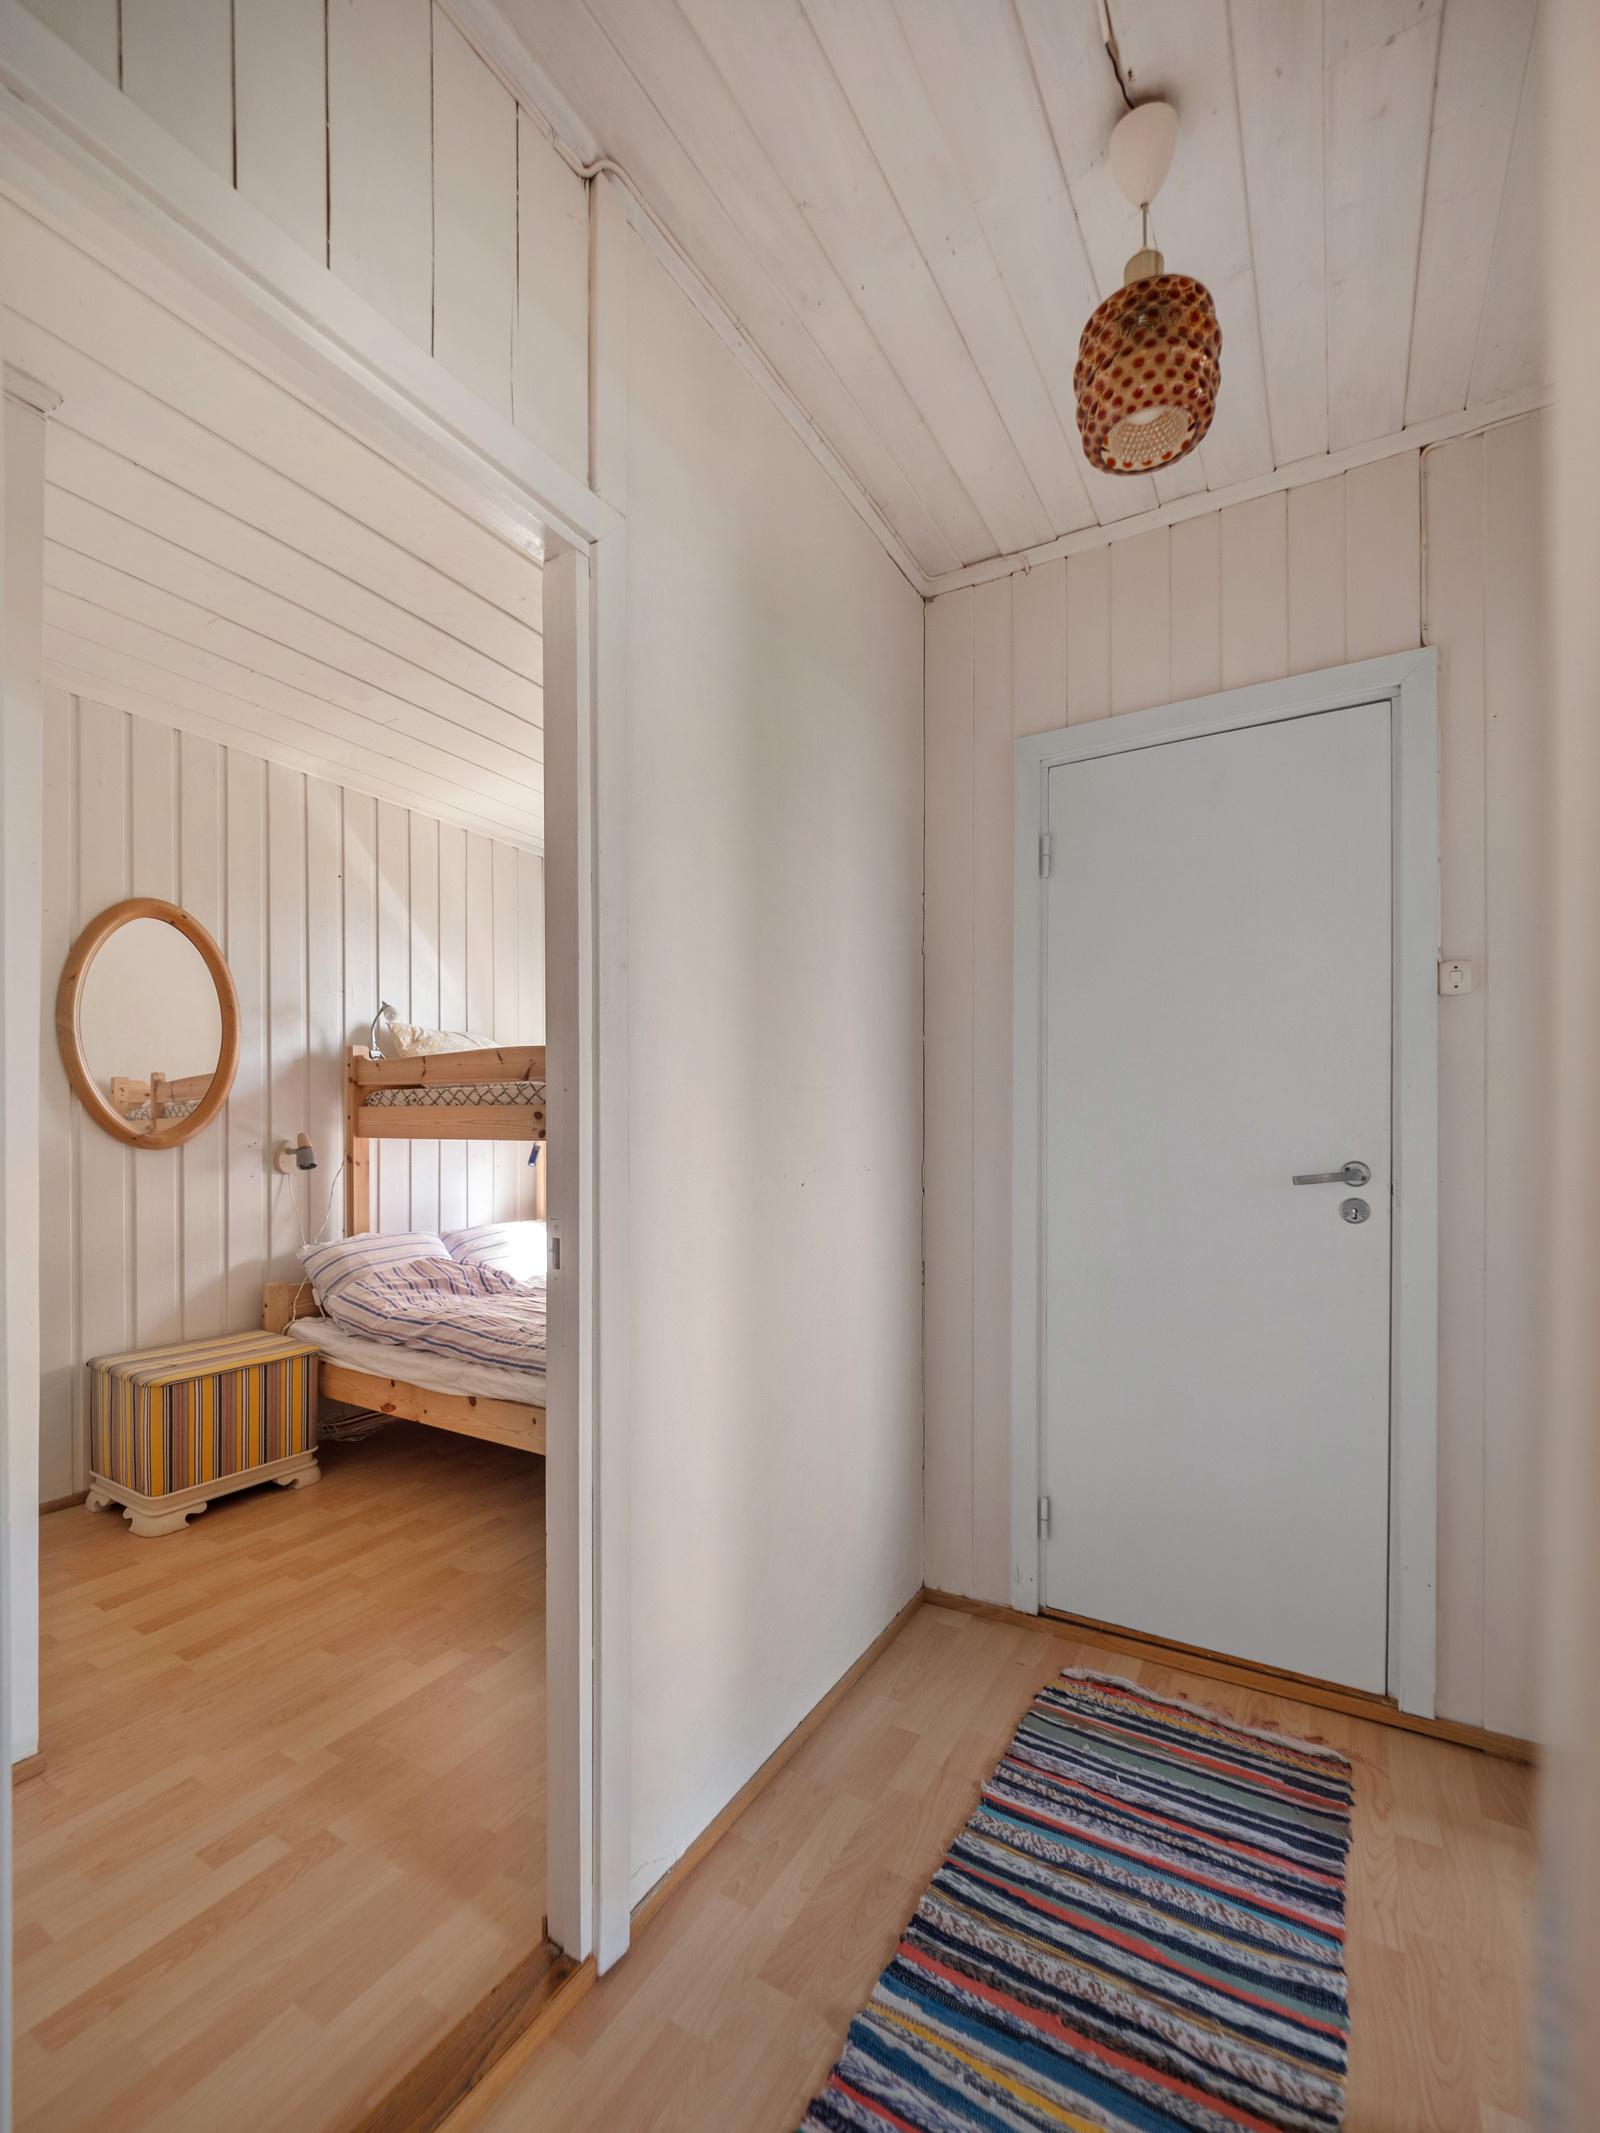 I enden av soveromsgangen er det en liten bod for oppbevaring